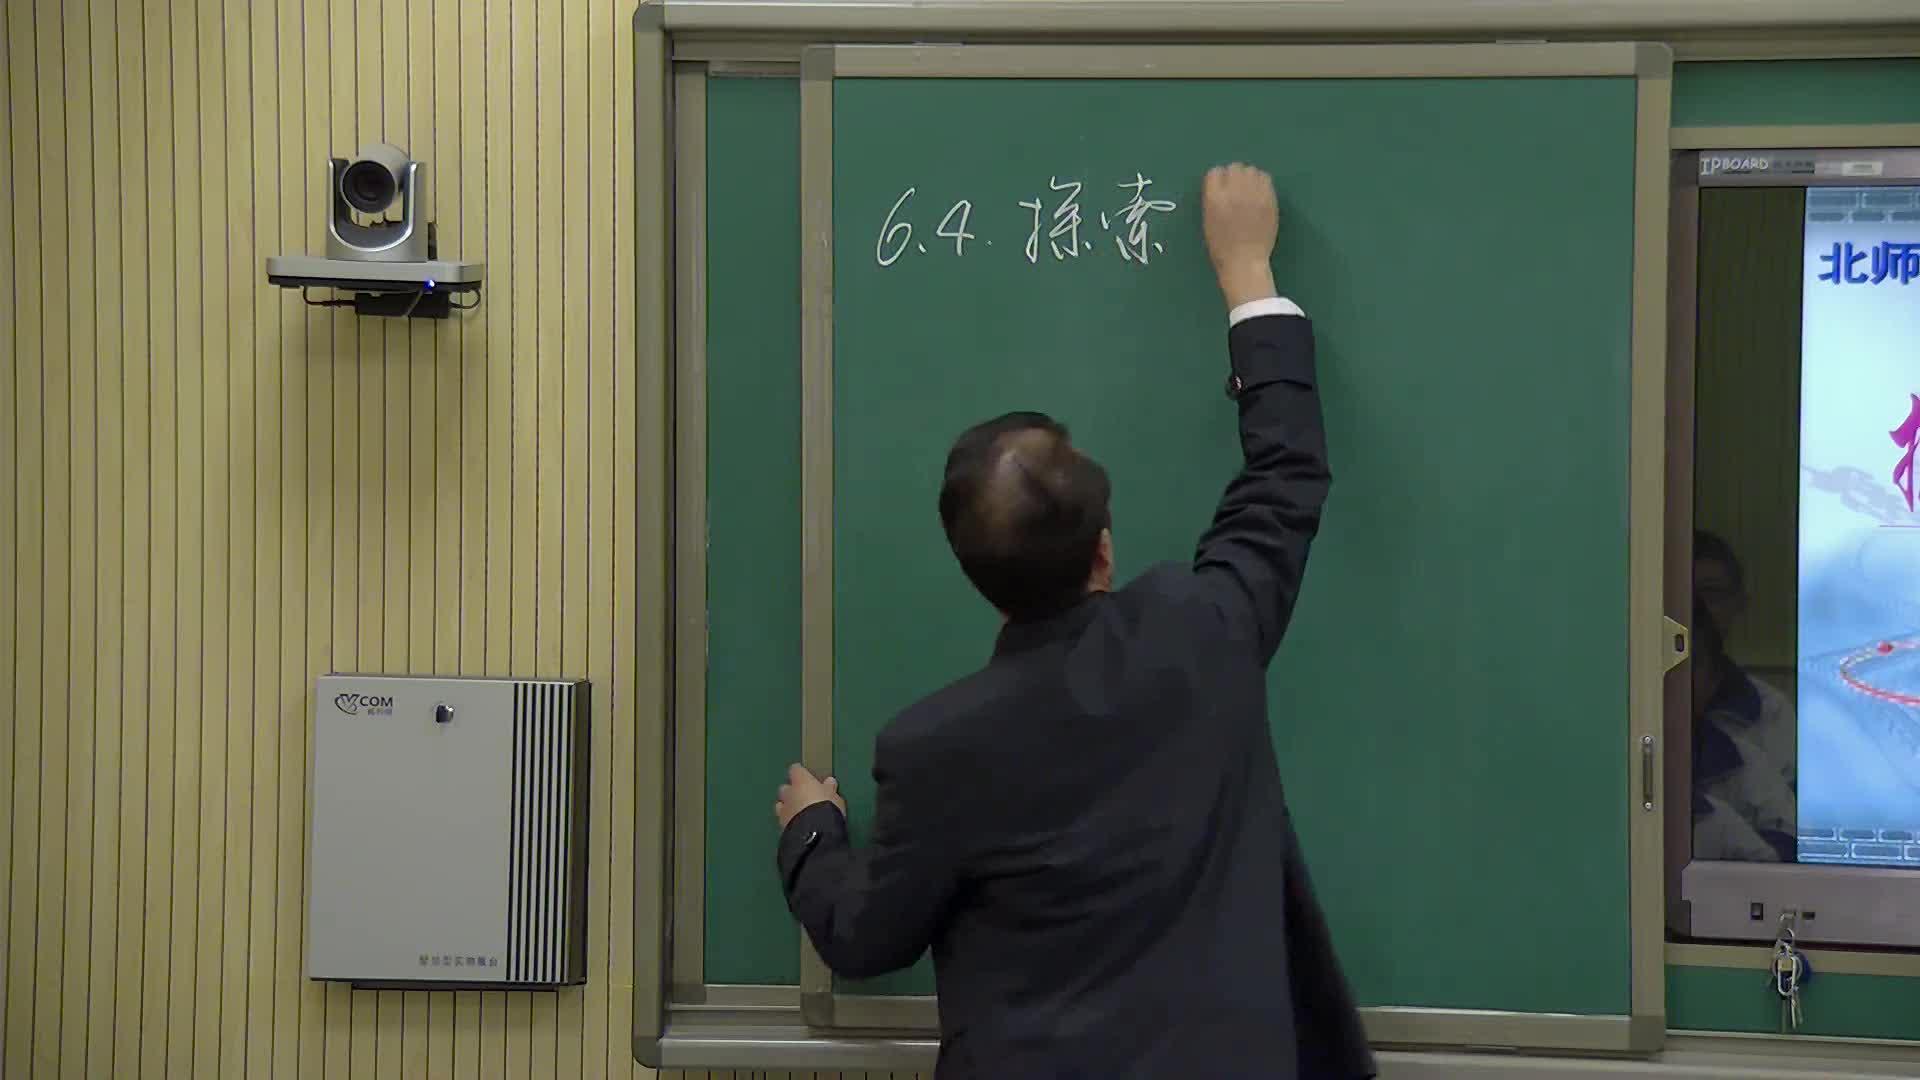 北师大版 八年级数学下册:6.4探索多边形的内角和-视频公开课